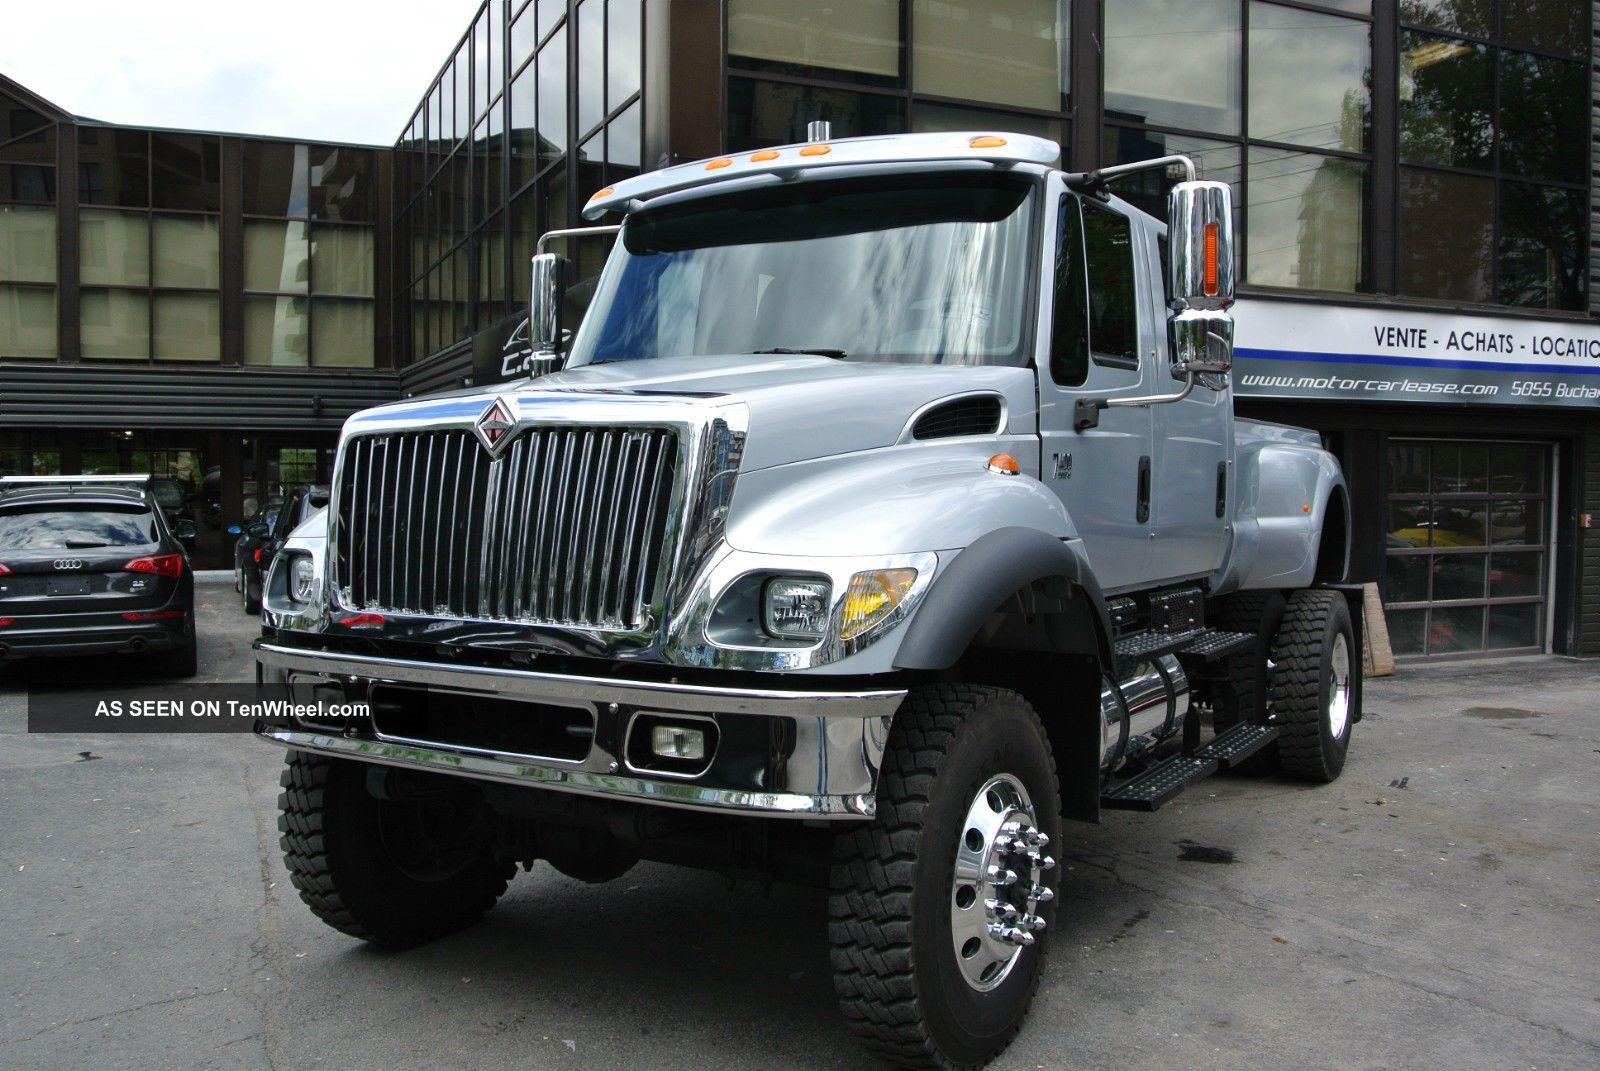 2005 International Cxt 7400